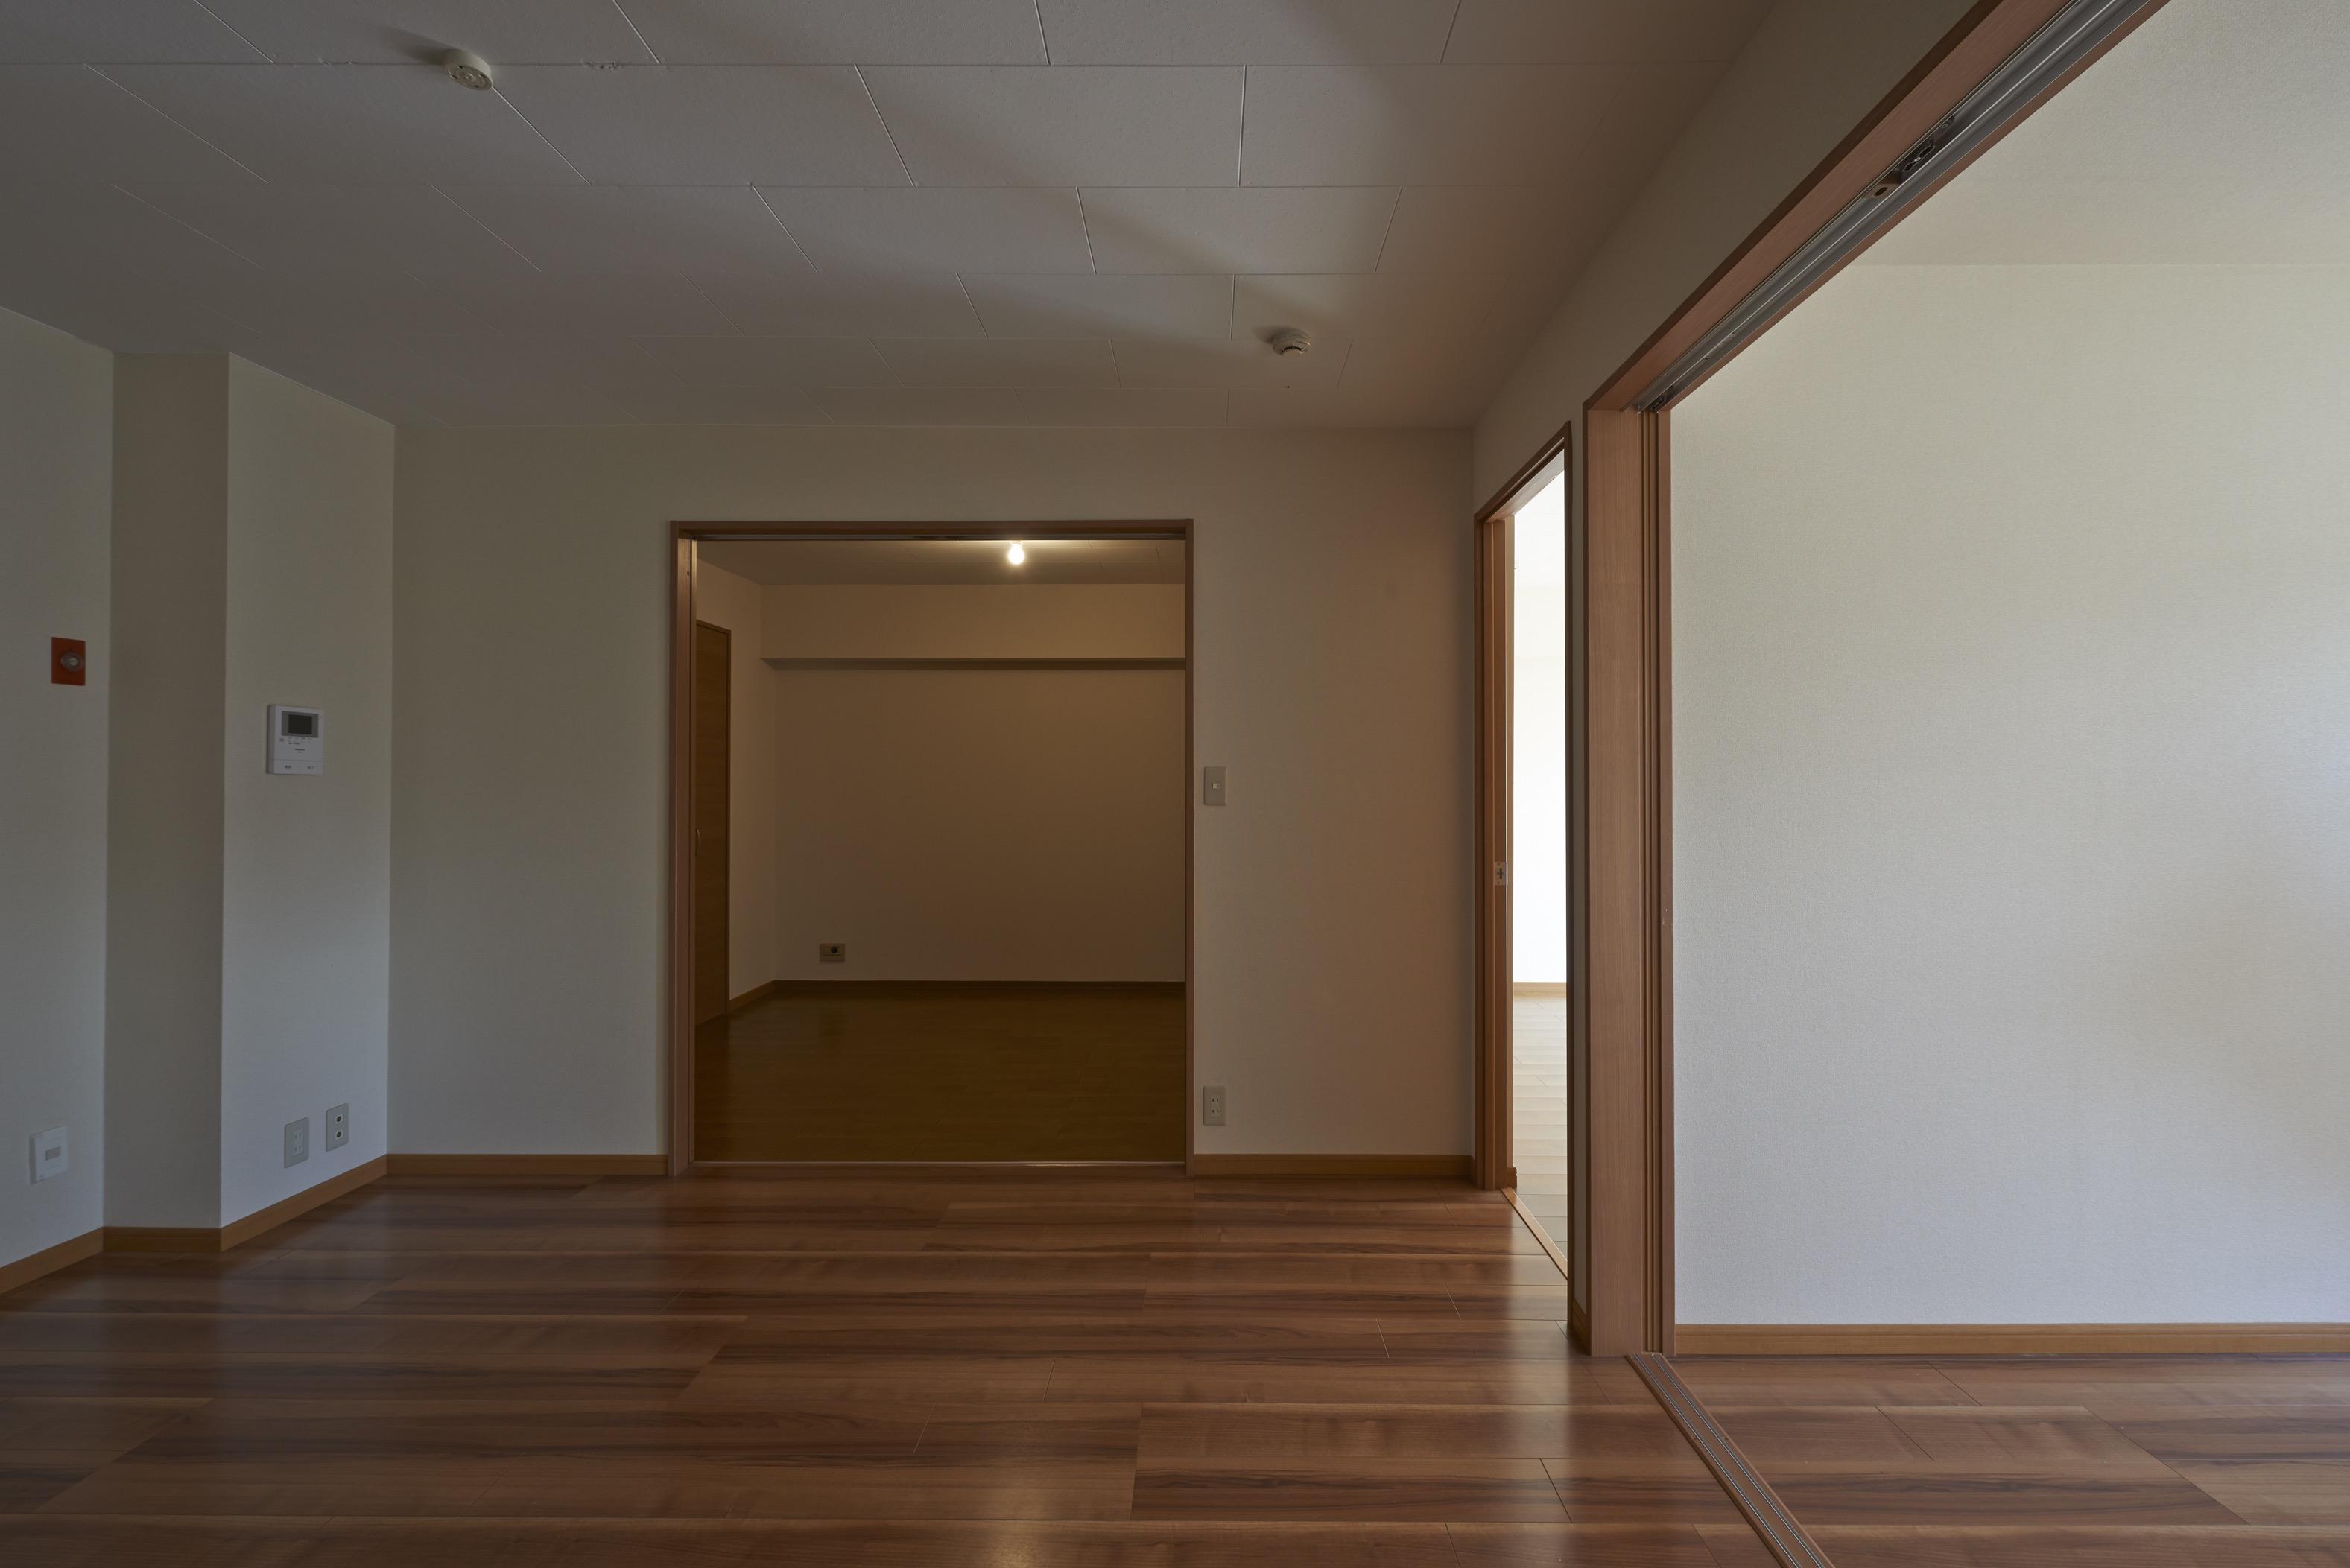 豪徳寺マンション・リノベーションのリノベーション前の写真